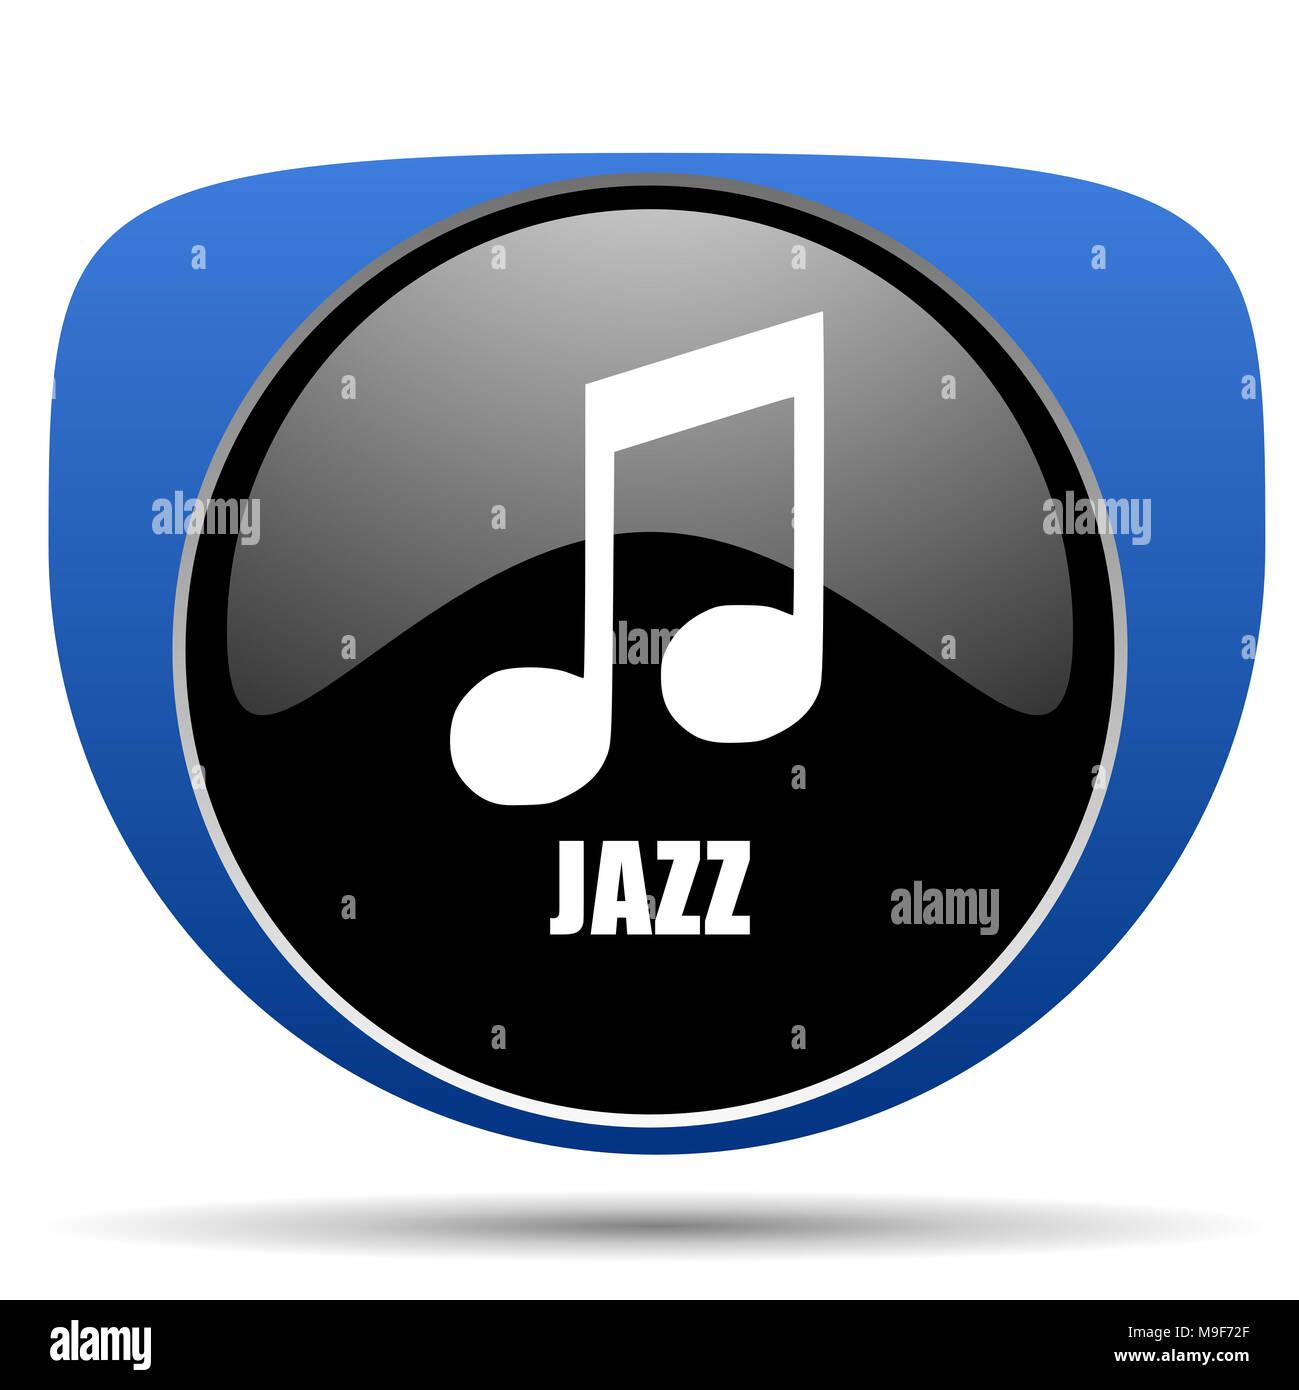 Jazz music web icon - Stock Image